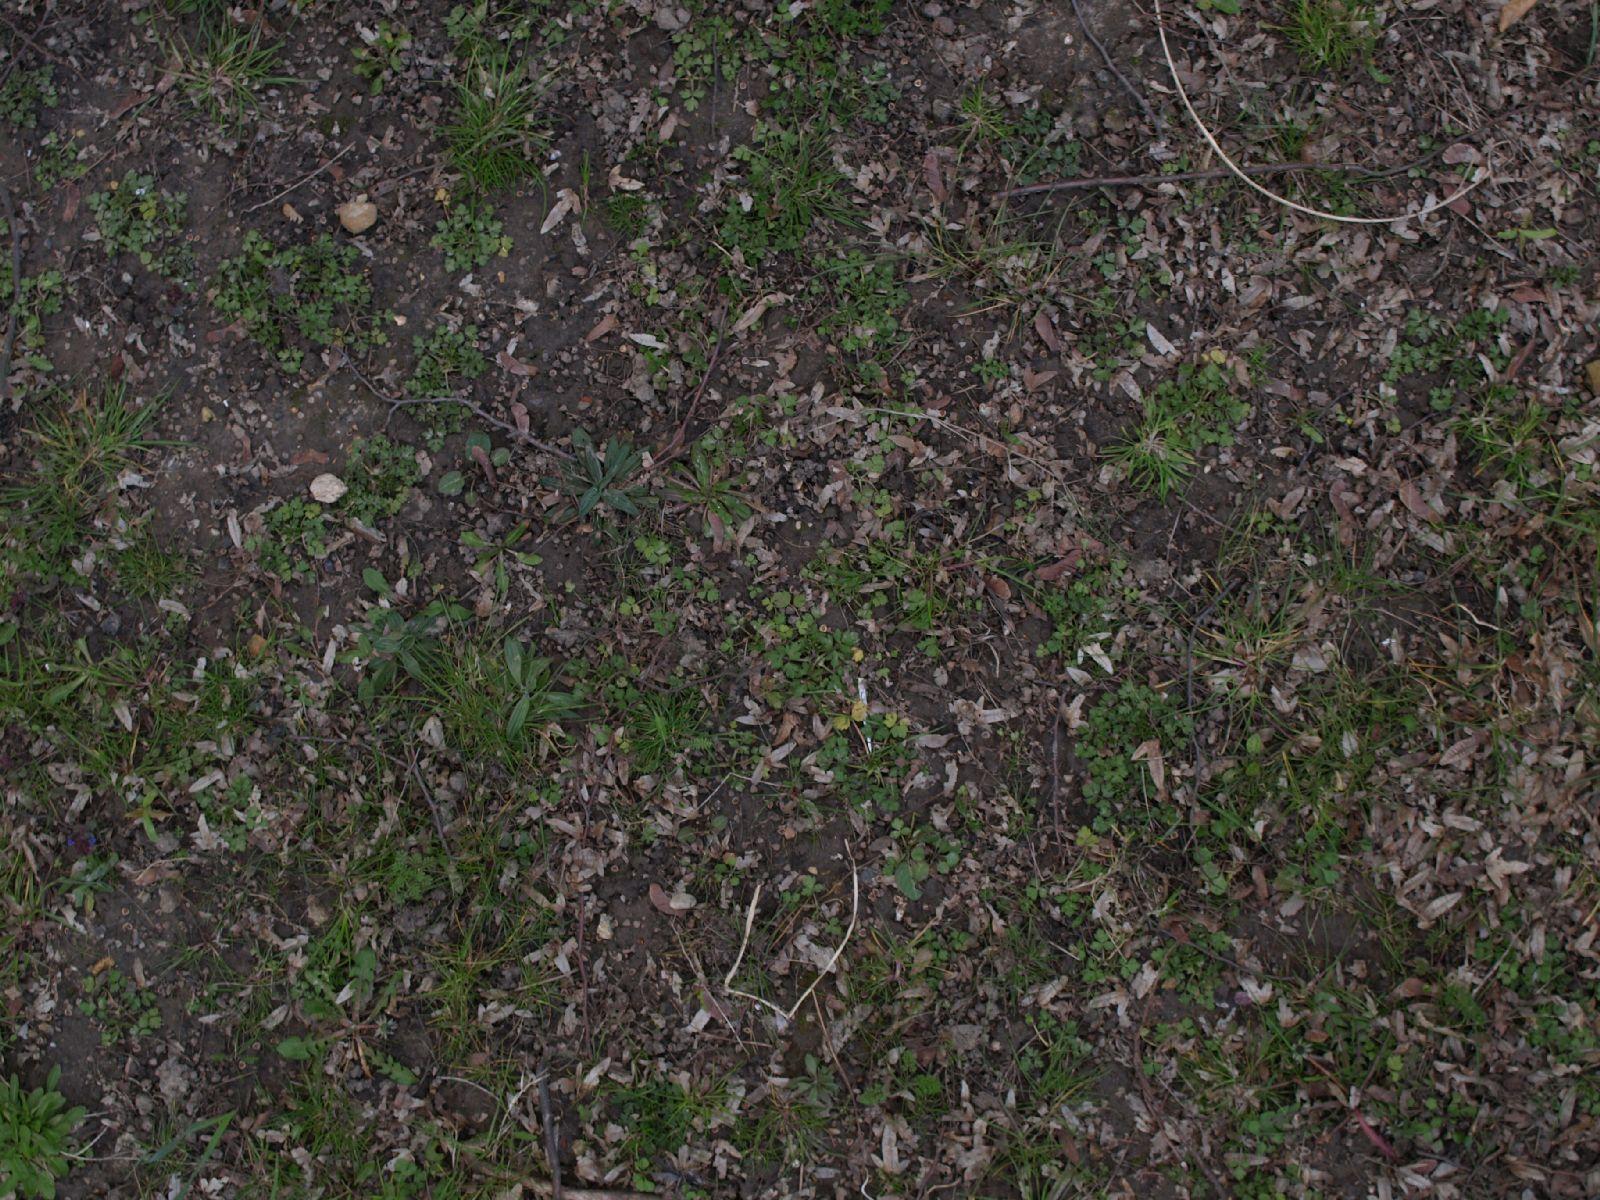 Boden-Gras-Moos-Blumen_Textur_A_P4120970